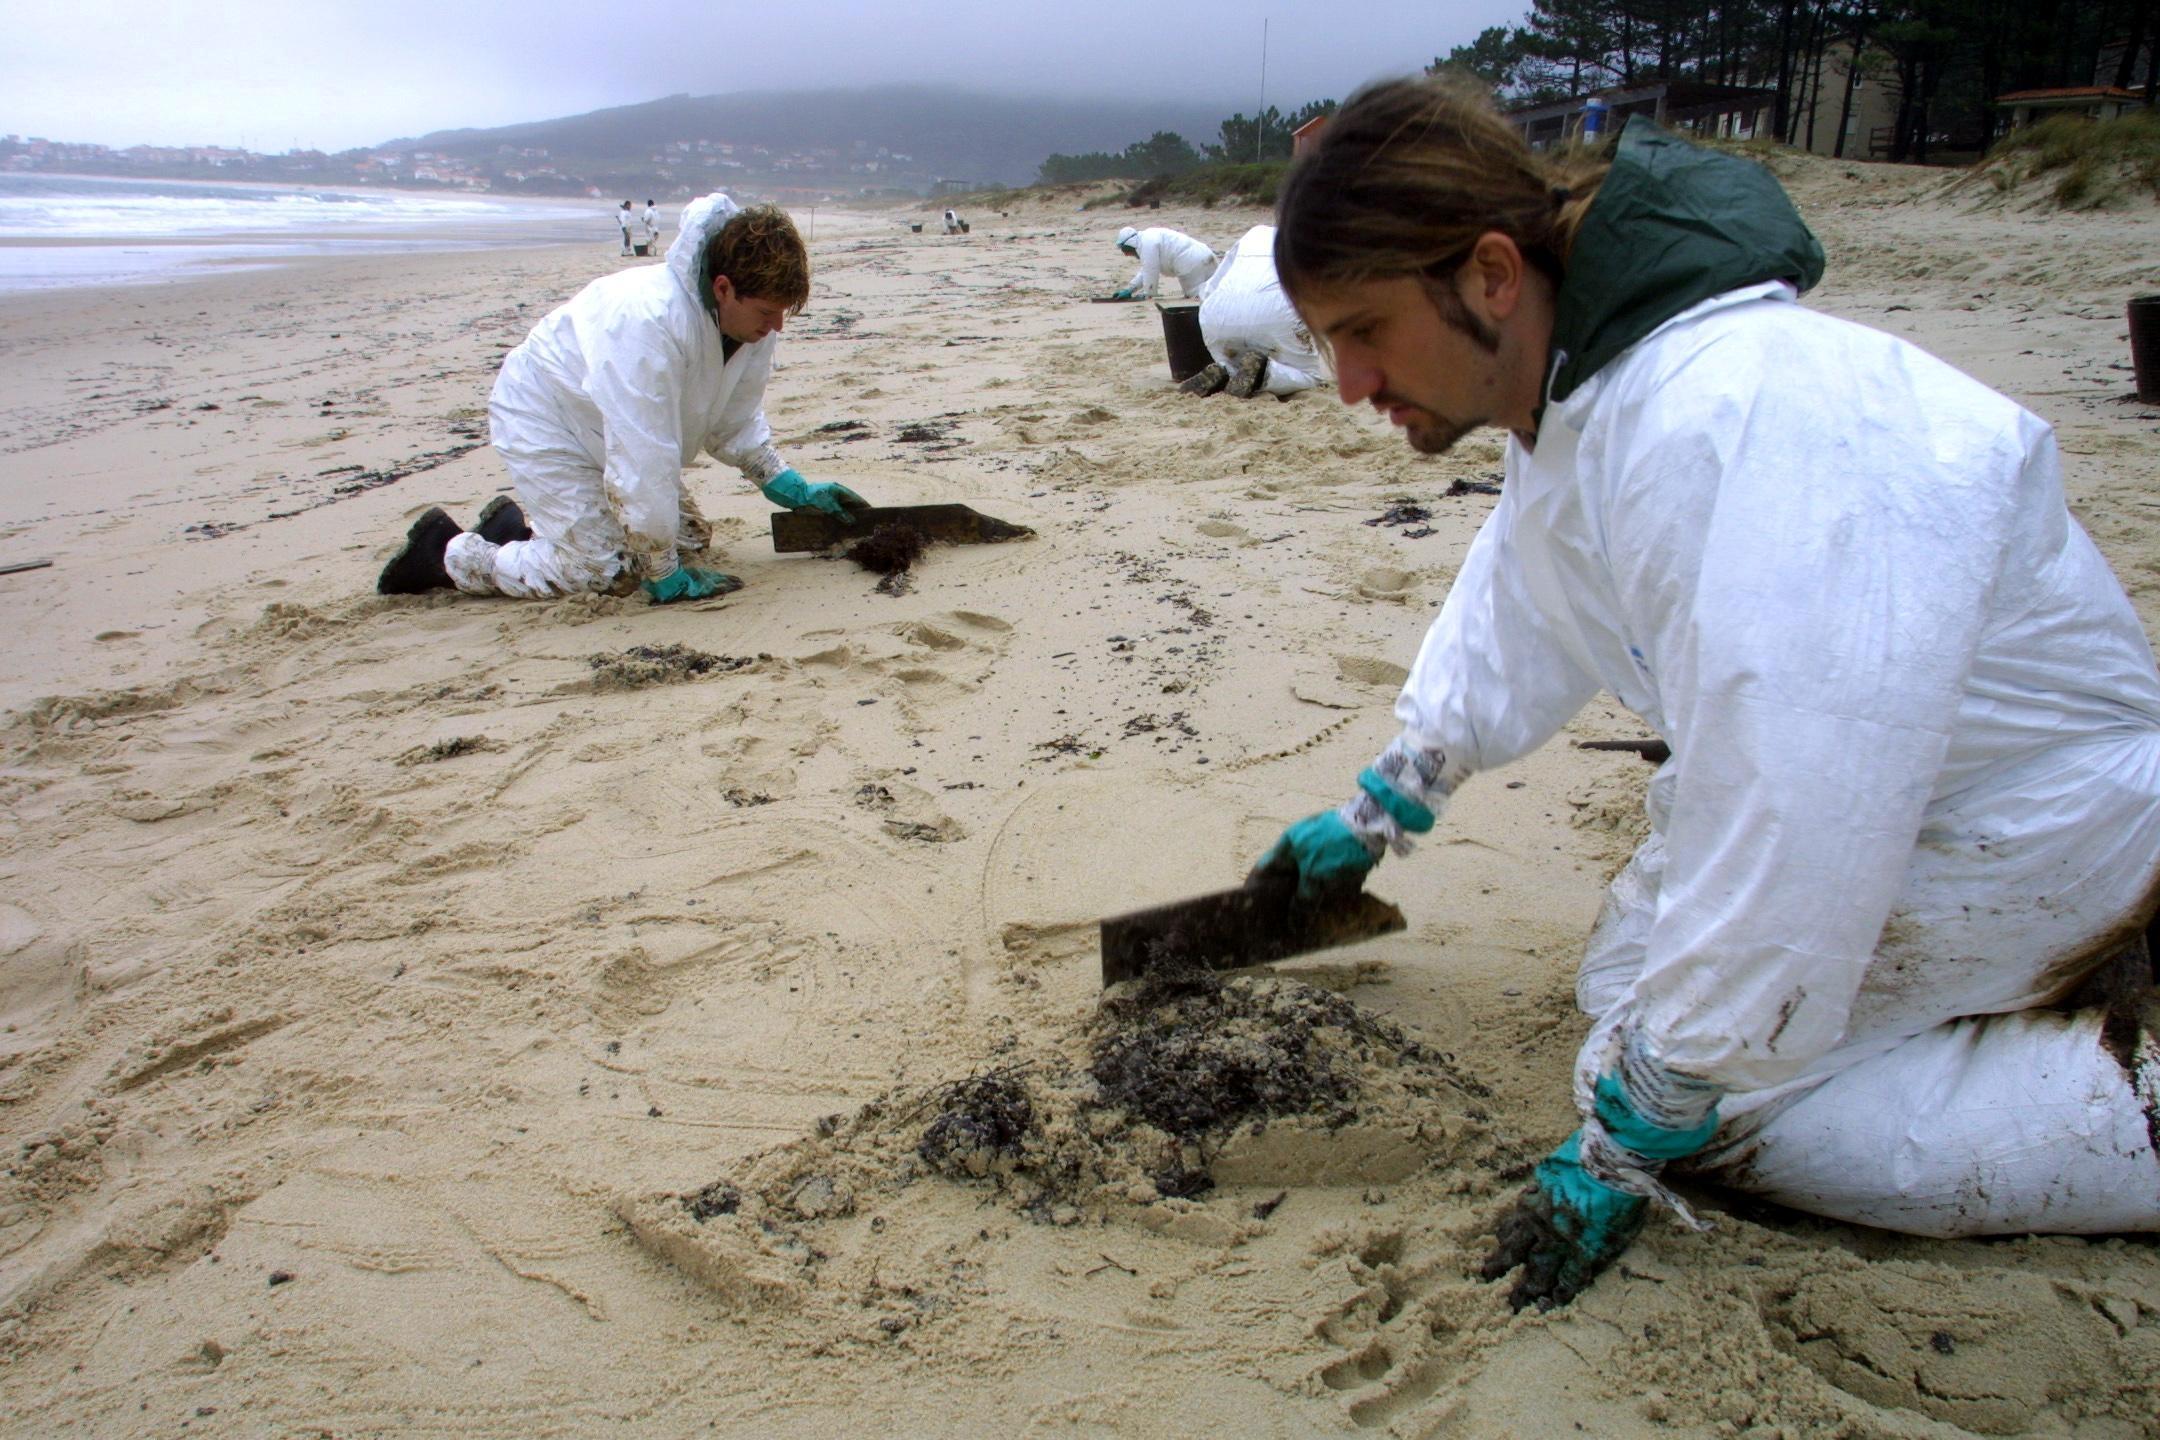 Pese a las fiestas, no cesó la limpieza. Seguían los trabajos en la playa de Langosteira, en Fisterra<br><b>José Manuel Casal</b>